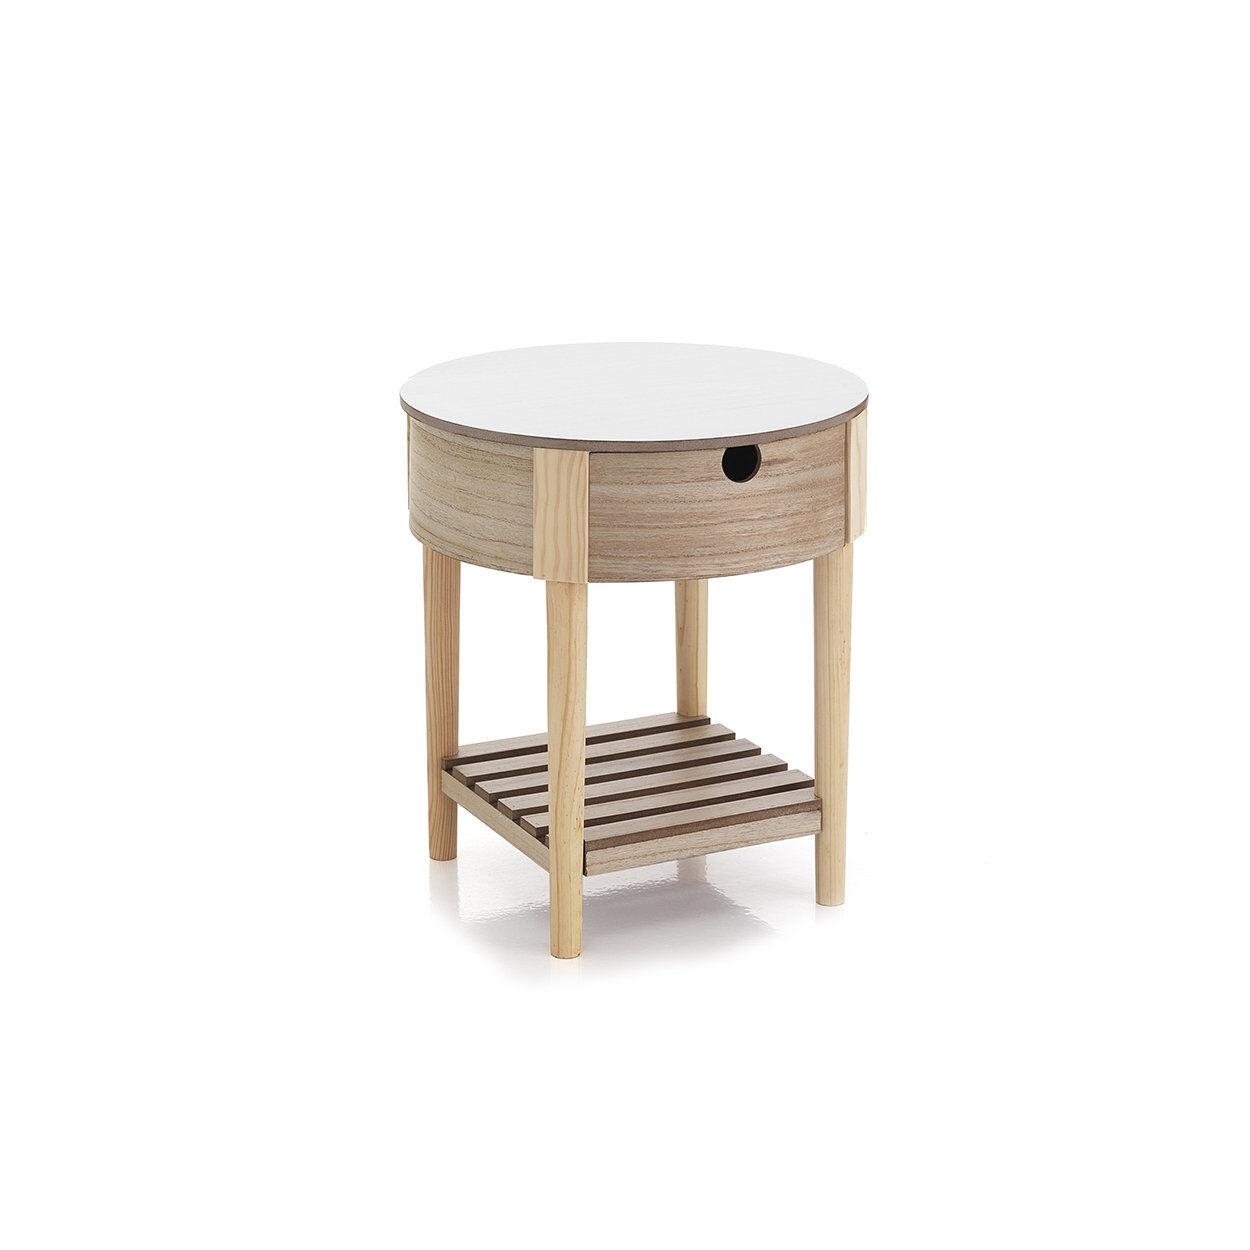 arredo funzionale tavolino / comodino 1 cassetto alba, bianco